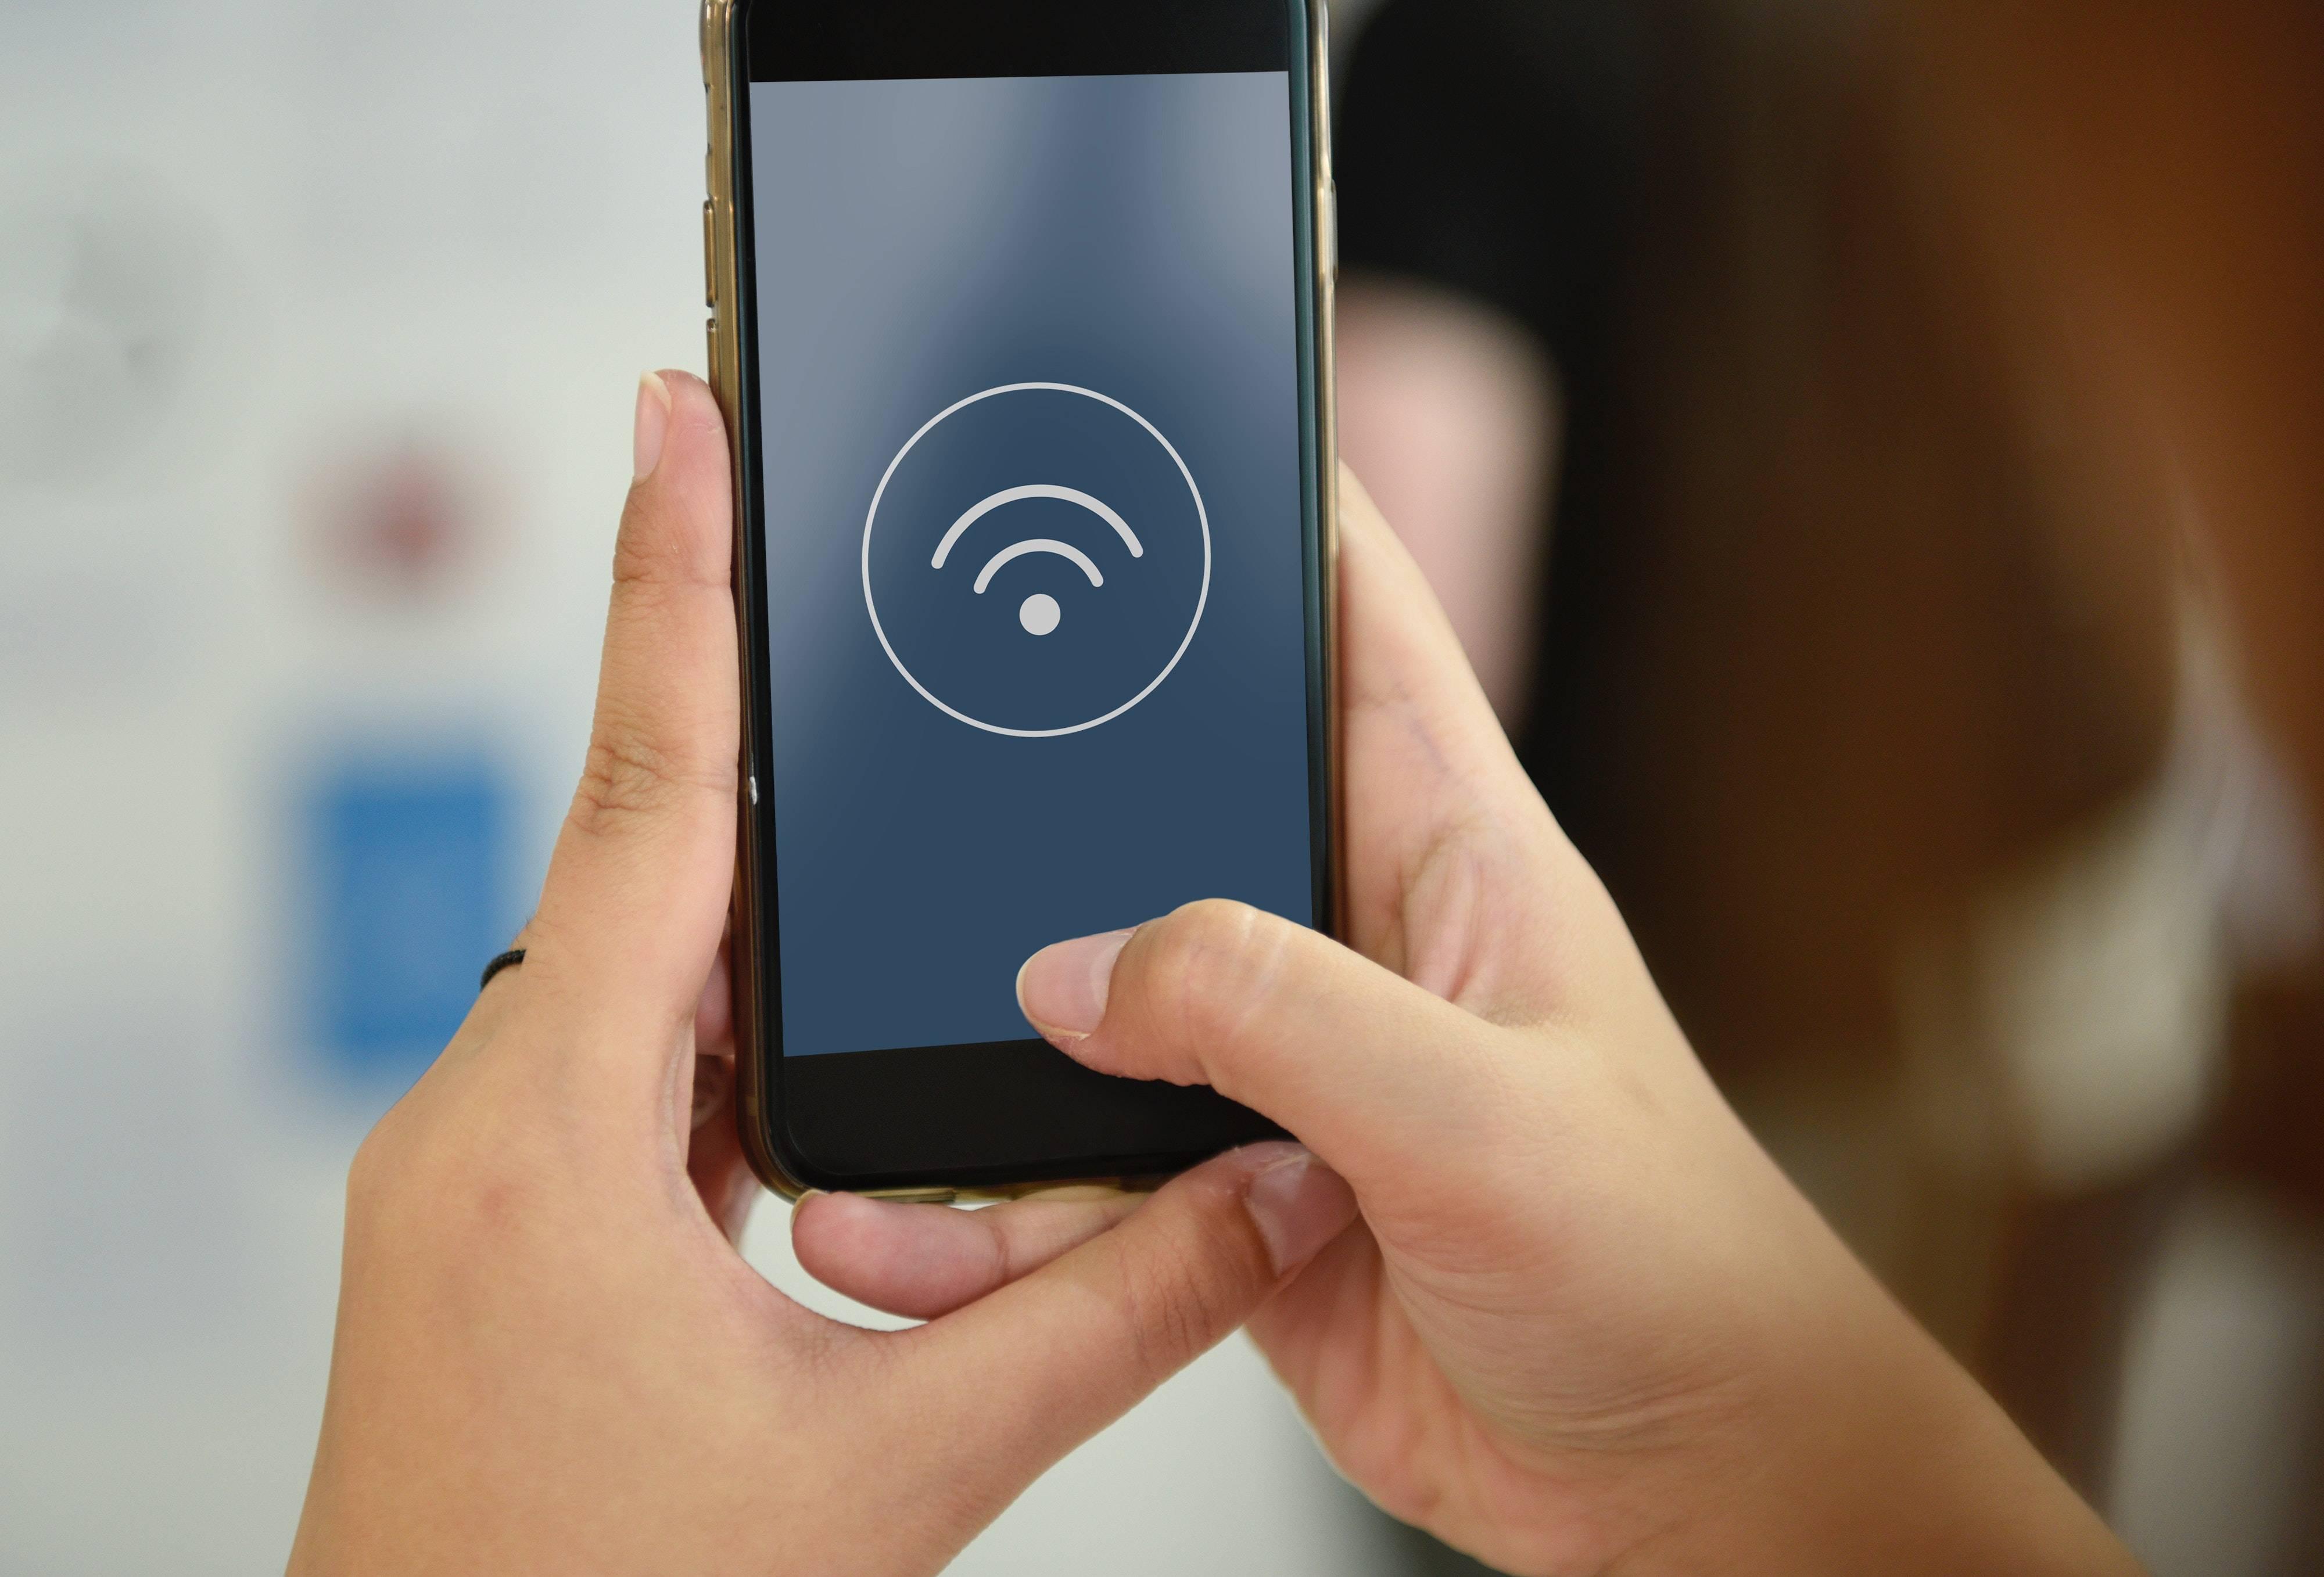 Por cambiarle la clave del Wi-Fi, una mujer atacó la casa de su vecina con piedras y machete